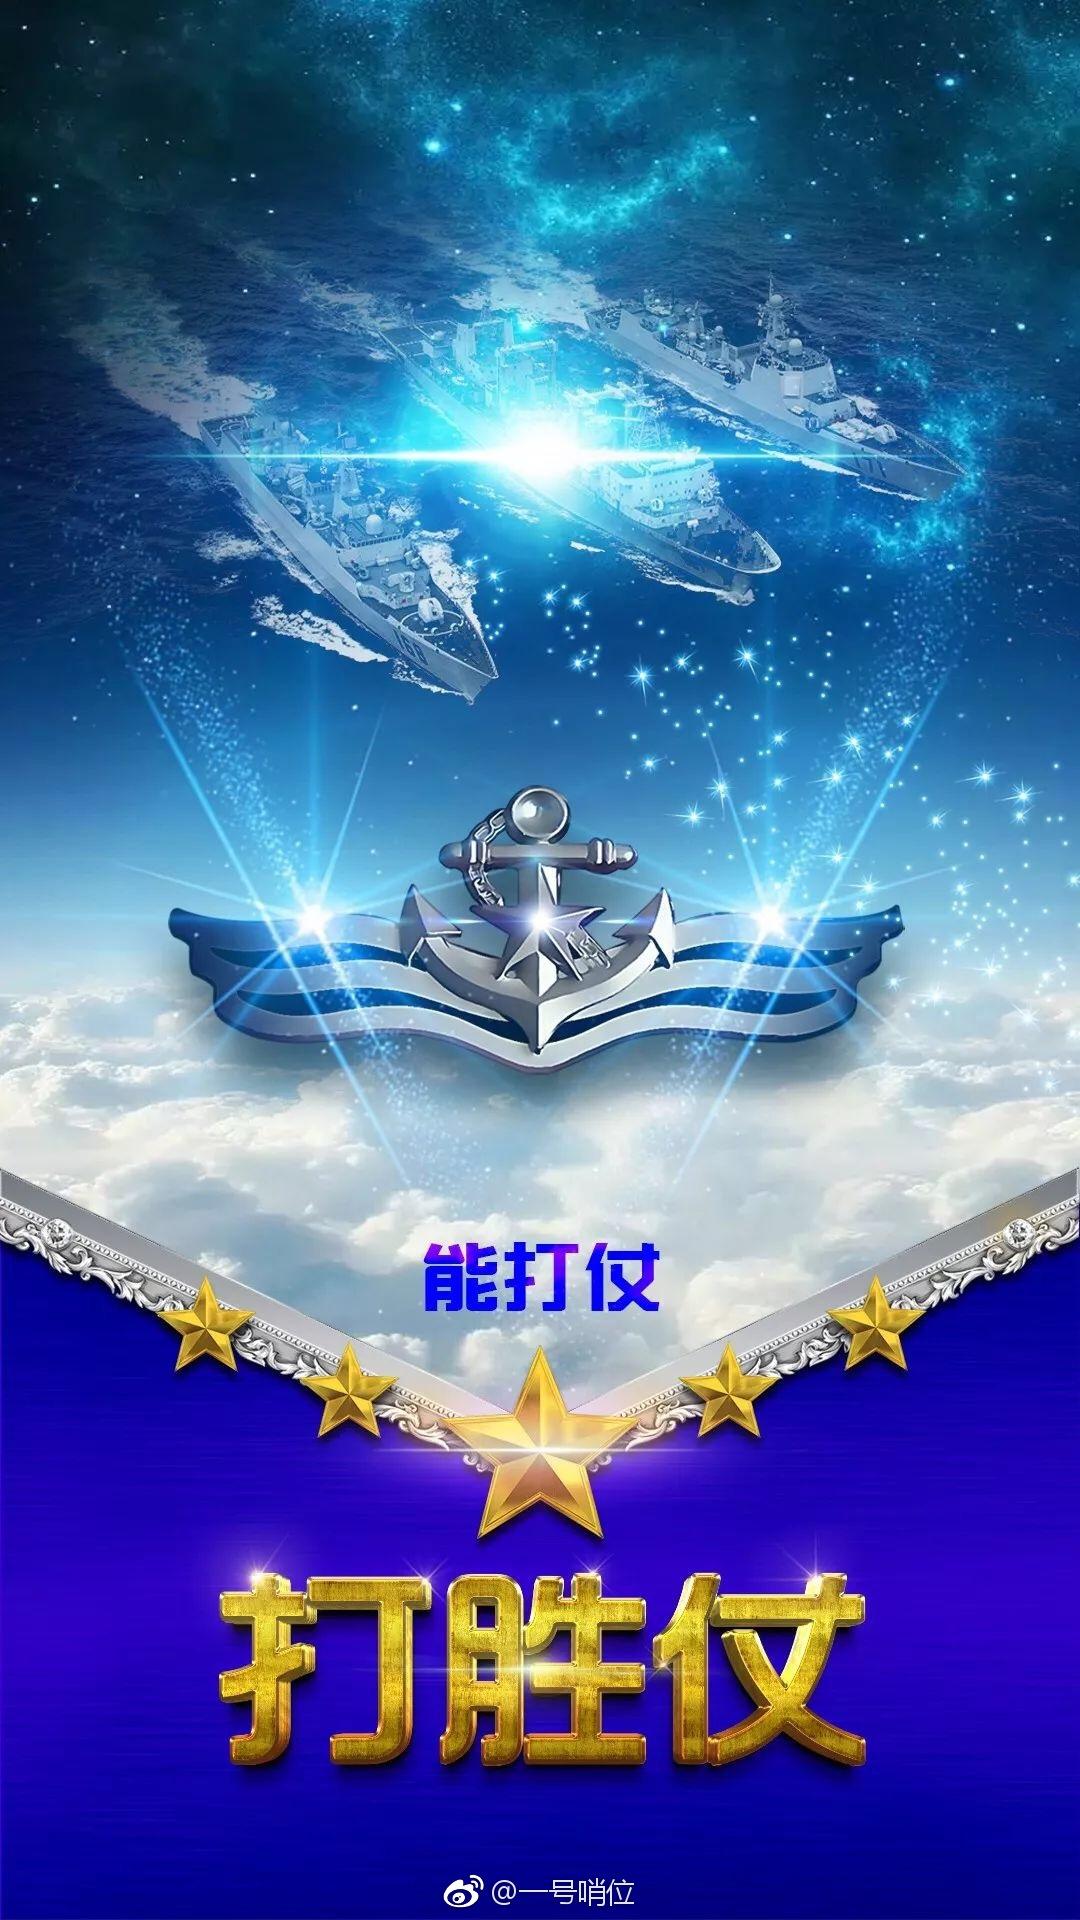 最全海军壁纸屏保~人民海军,生日快乐,利剑深蓝!